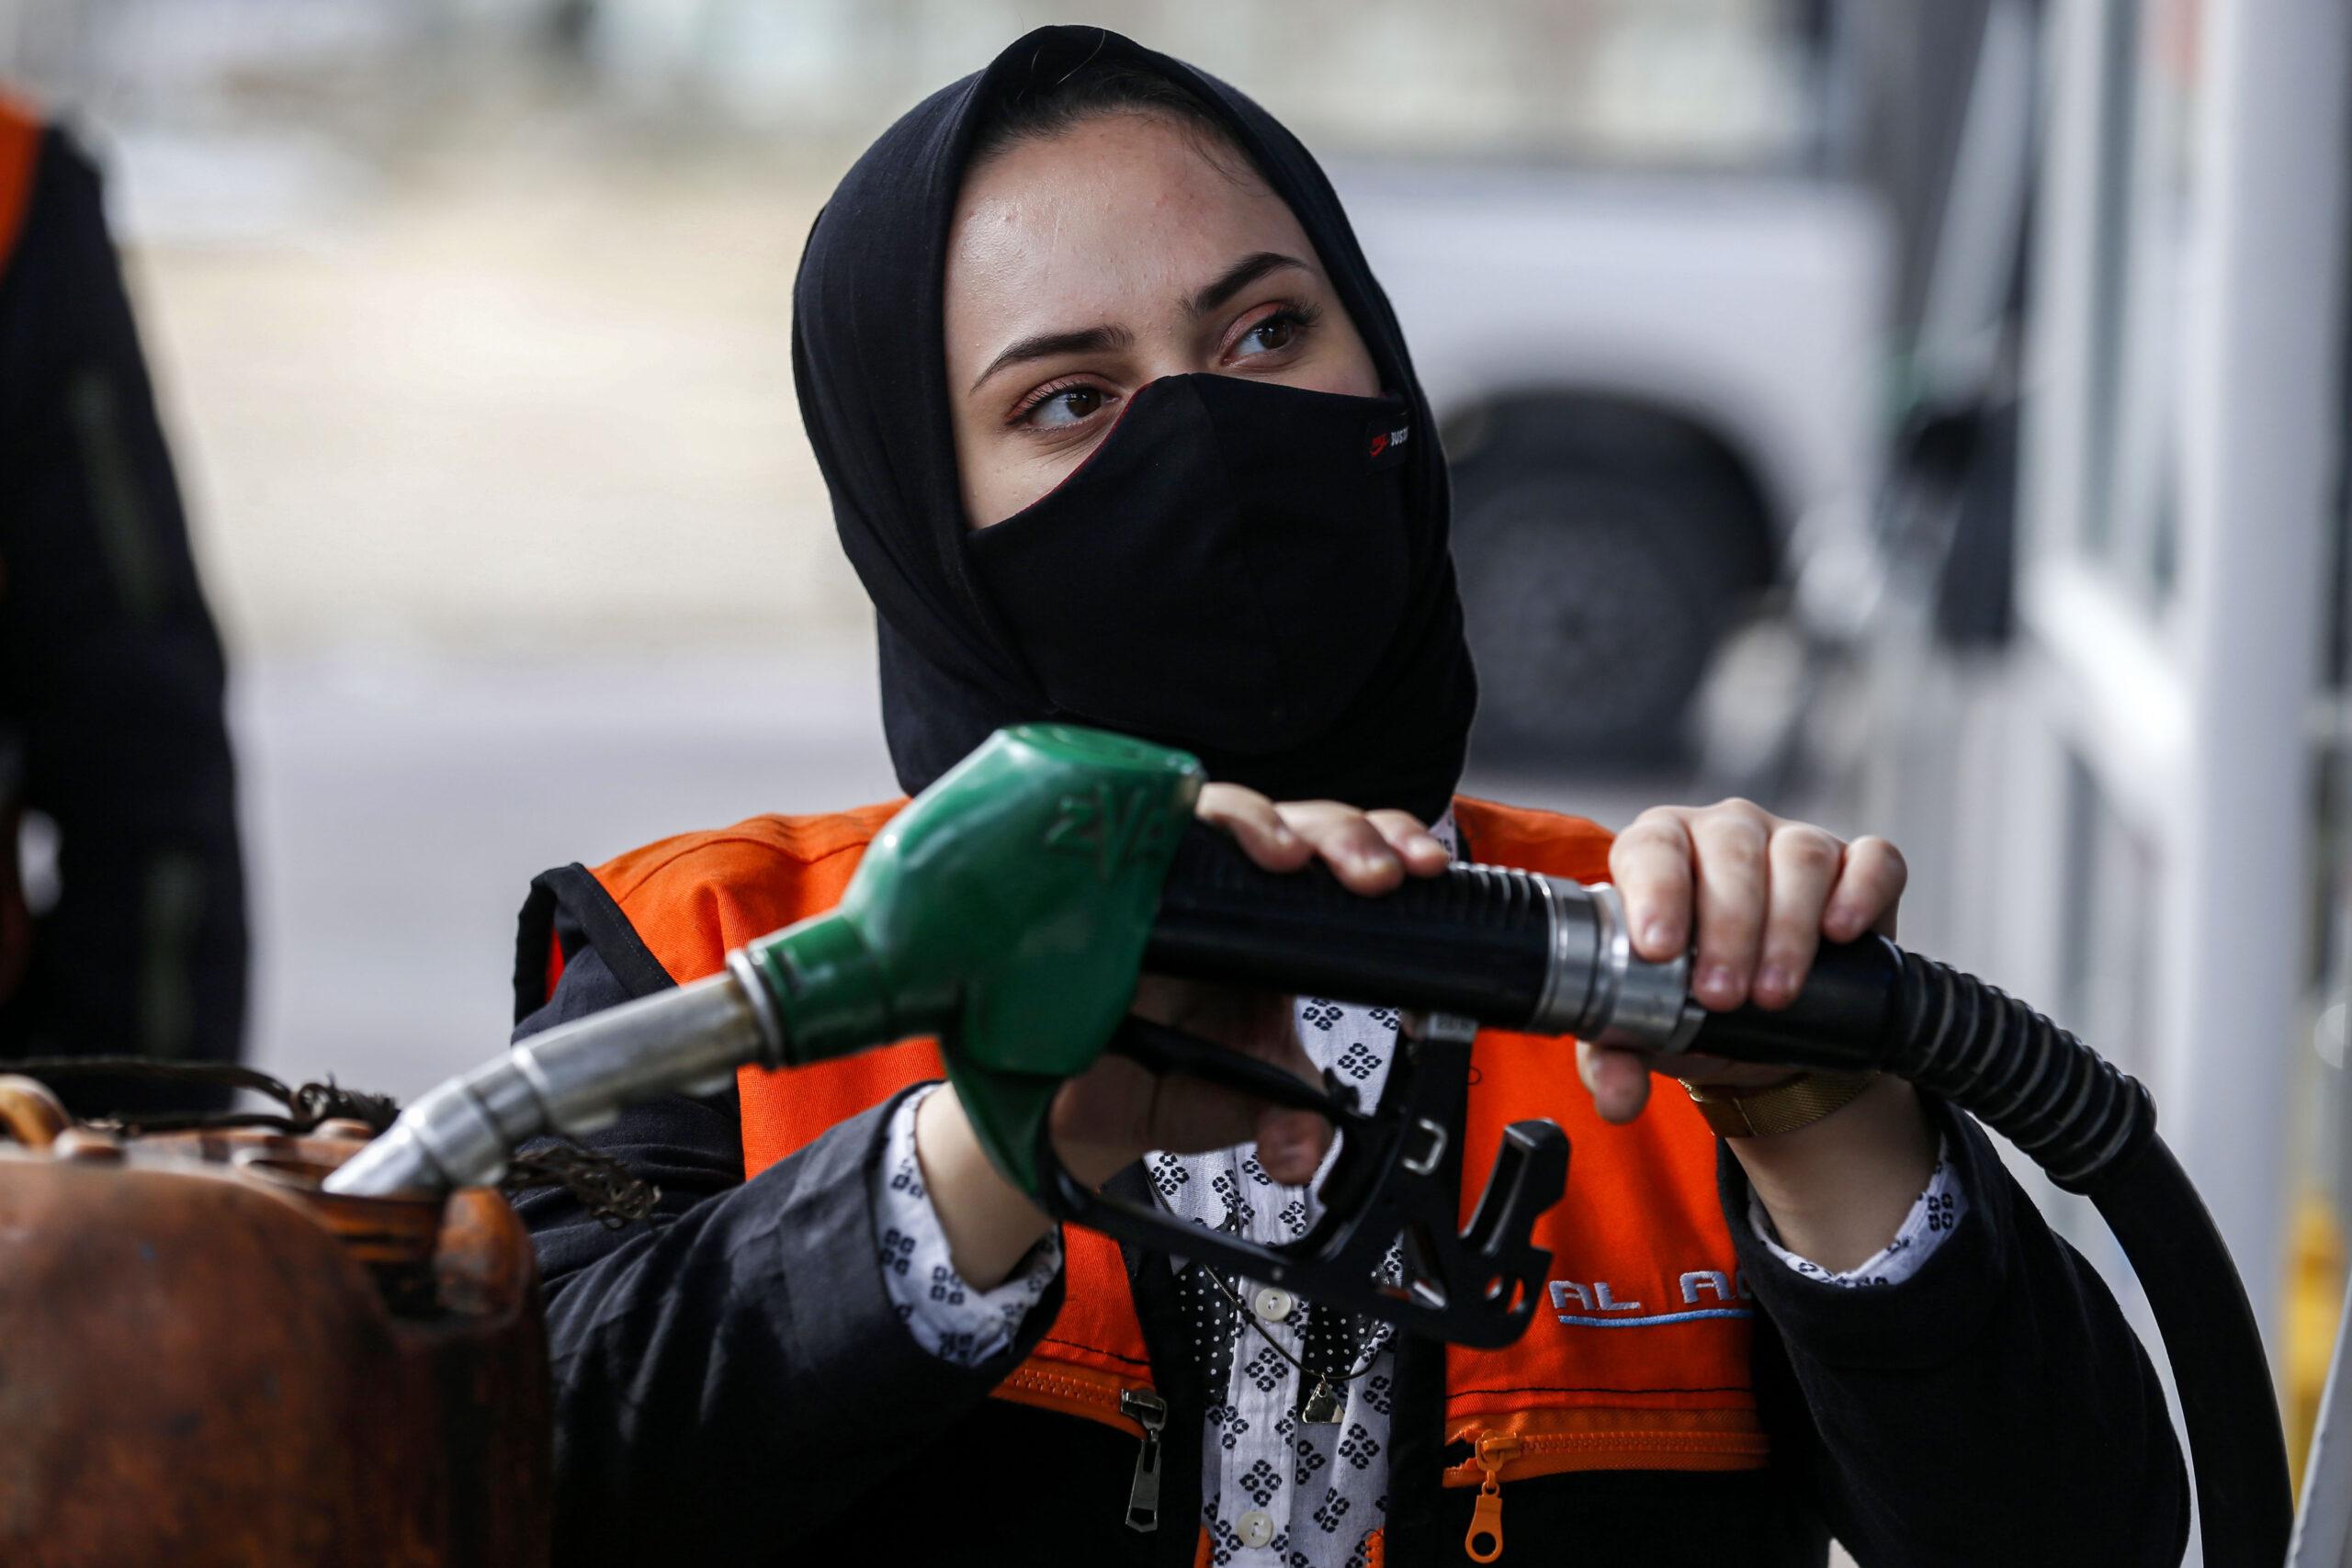 سلمى النجار من غزة وتعمل في محطة وقود- ا ف ب